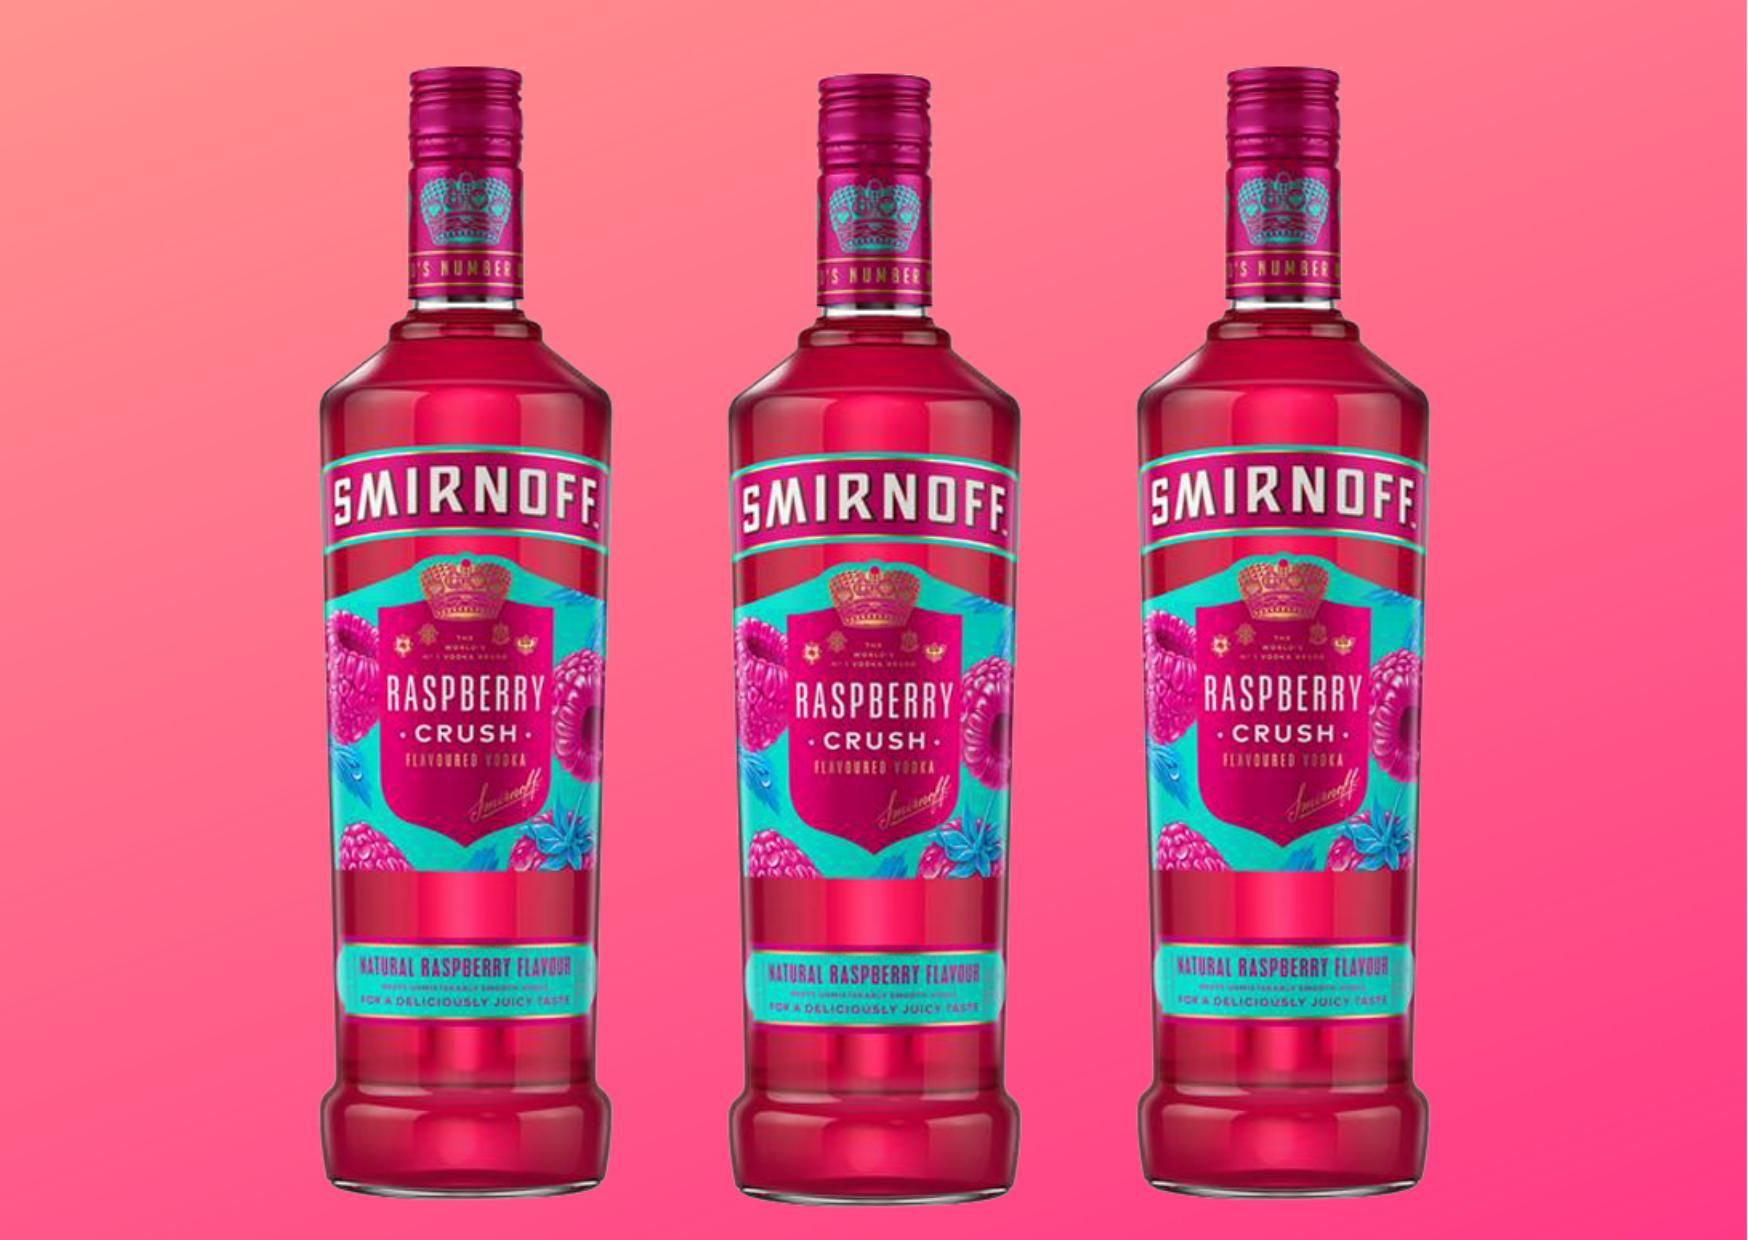 smirnoff raspberry crush